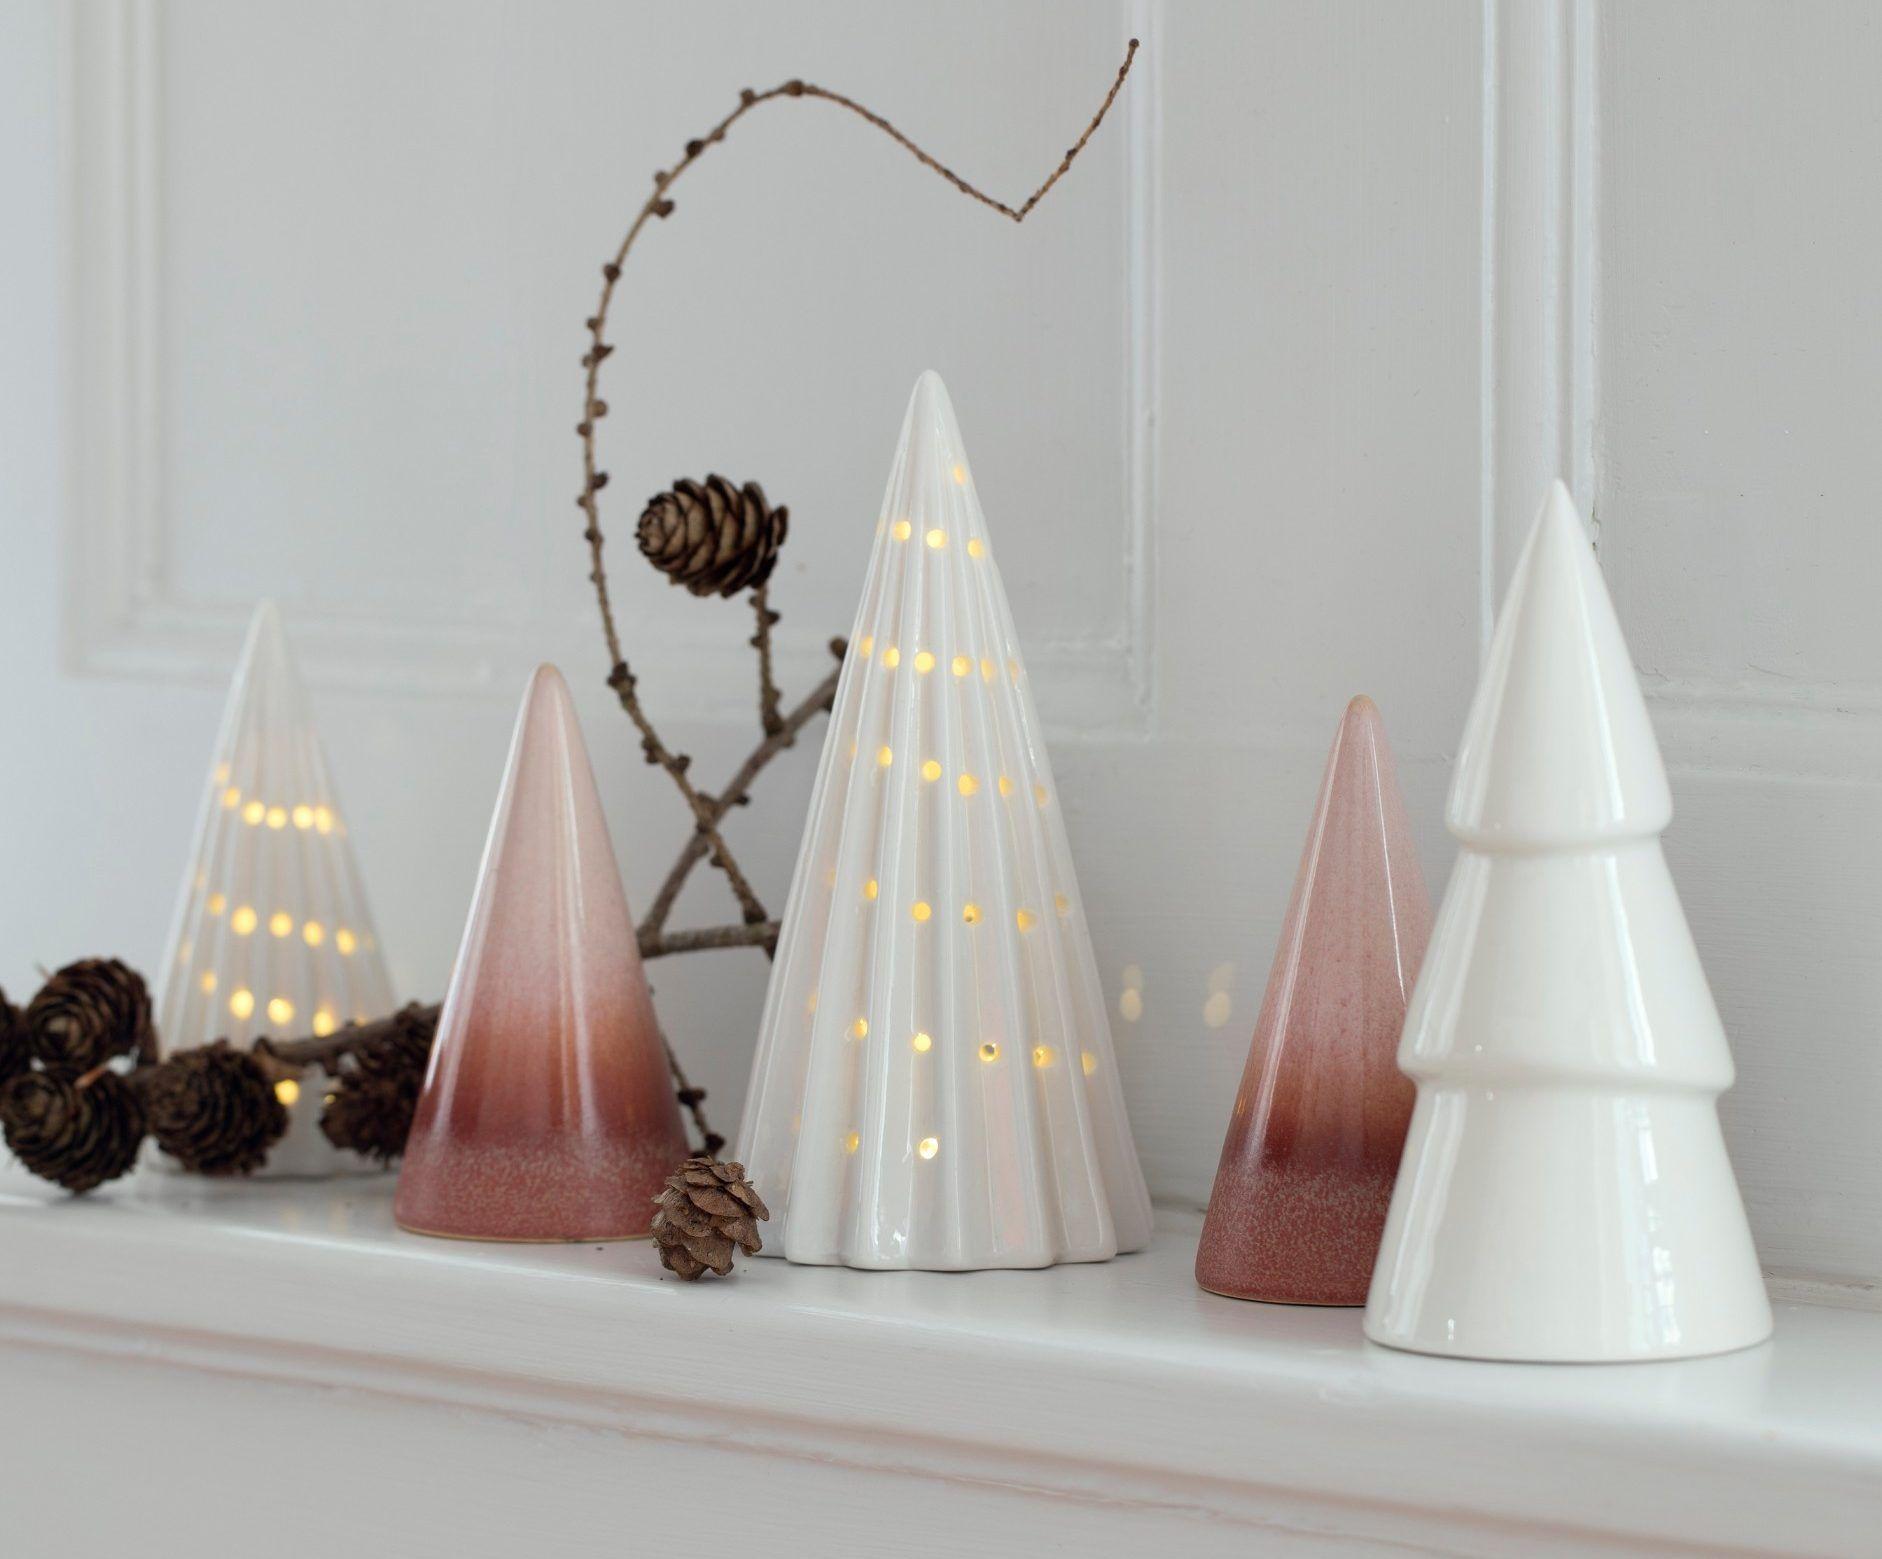 Kerstdecoraties Met Rood : Søstrene grene: scandinavische kerstdecoraties voor fijne prijsjes